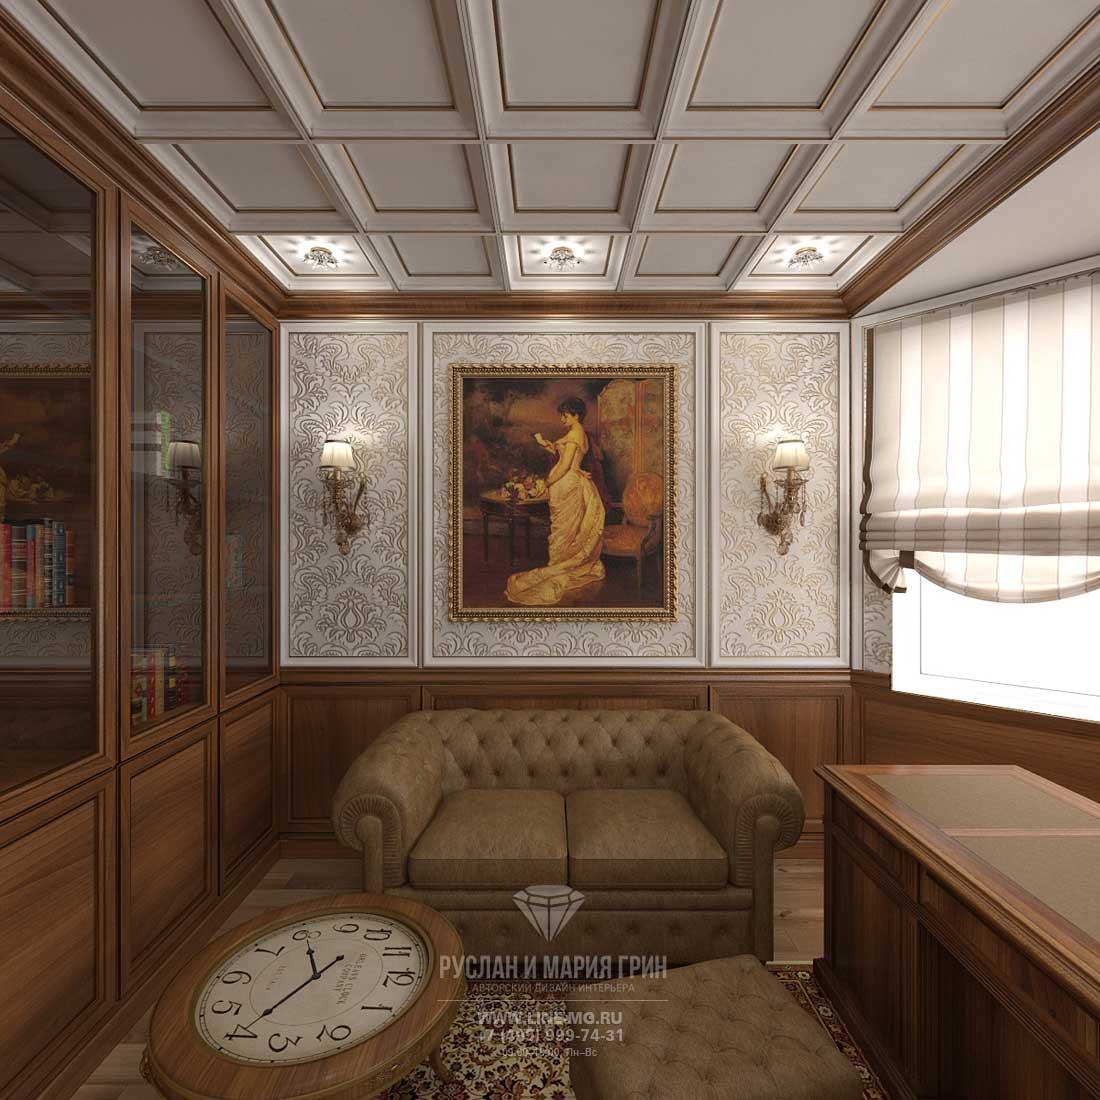 Дизайн кабинета в классическом стиле. Фото 2016